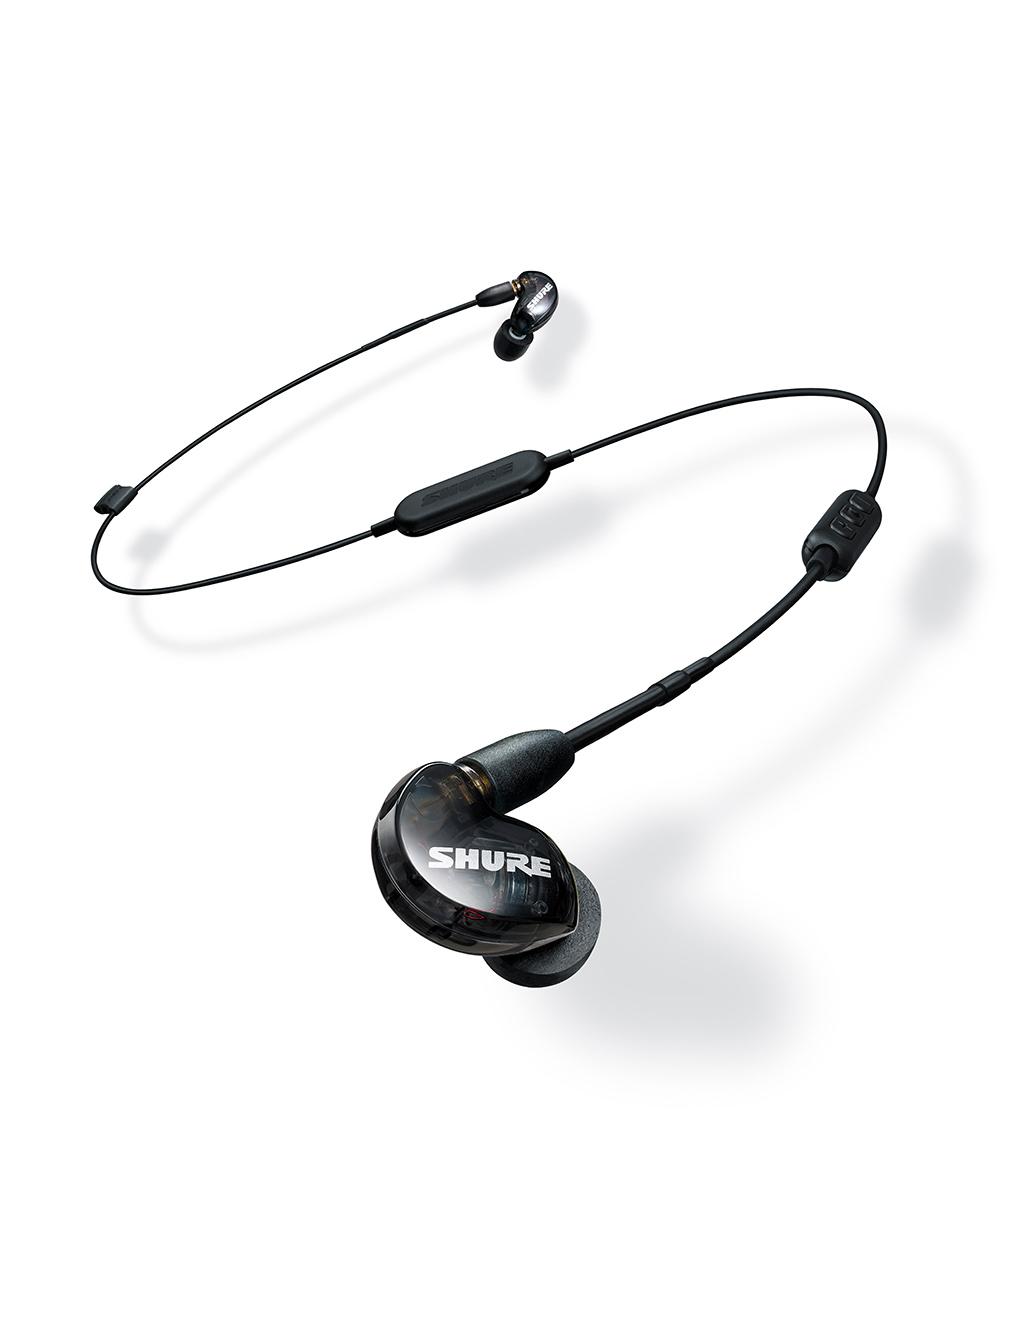 News: Shure mit erweitertem Ohrhörer-Portfolio auf der CES 2018